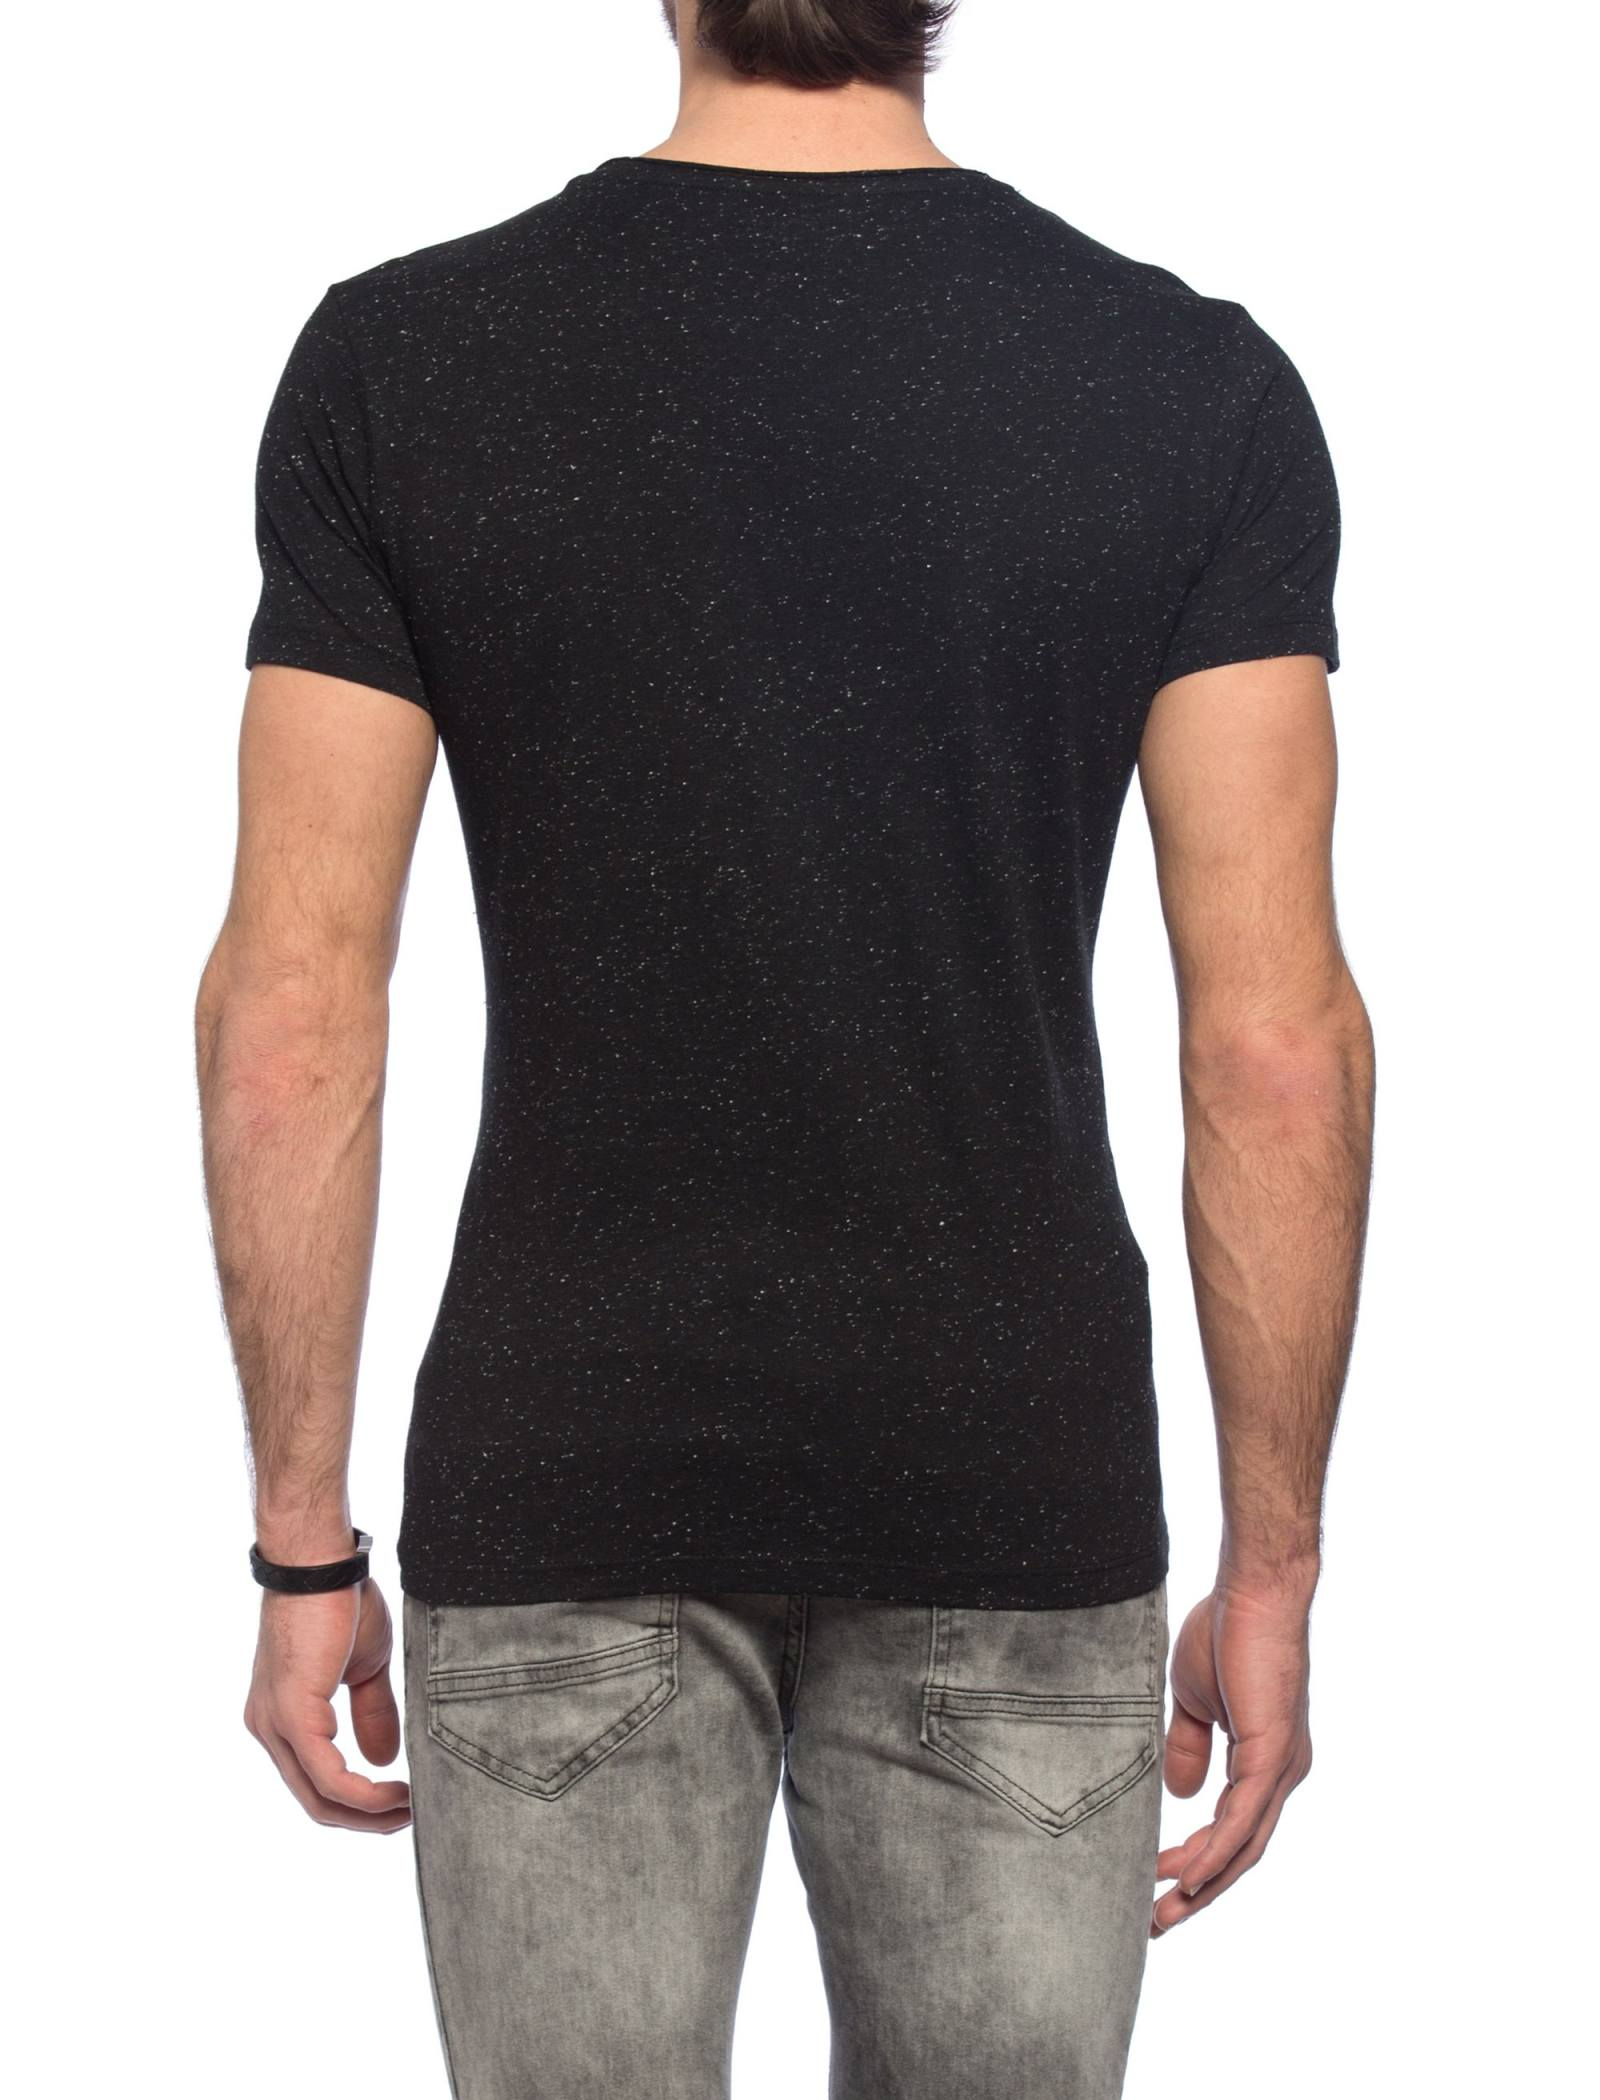 تی شرت نخی یقه گرد مردانه - ال سی وایکیکی - مشکي - 6